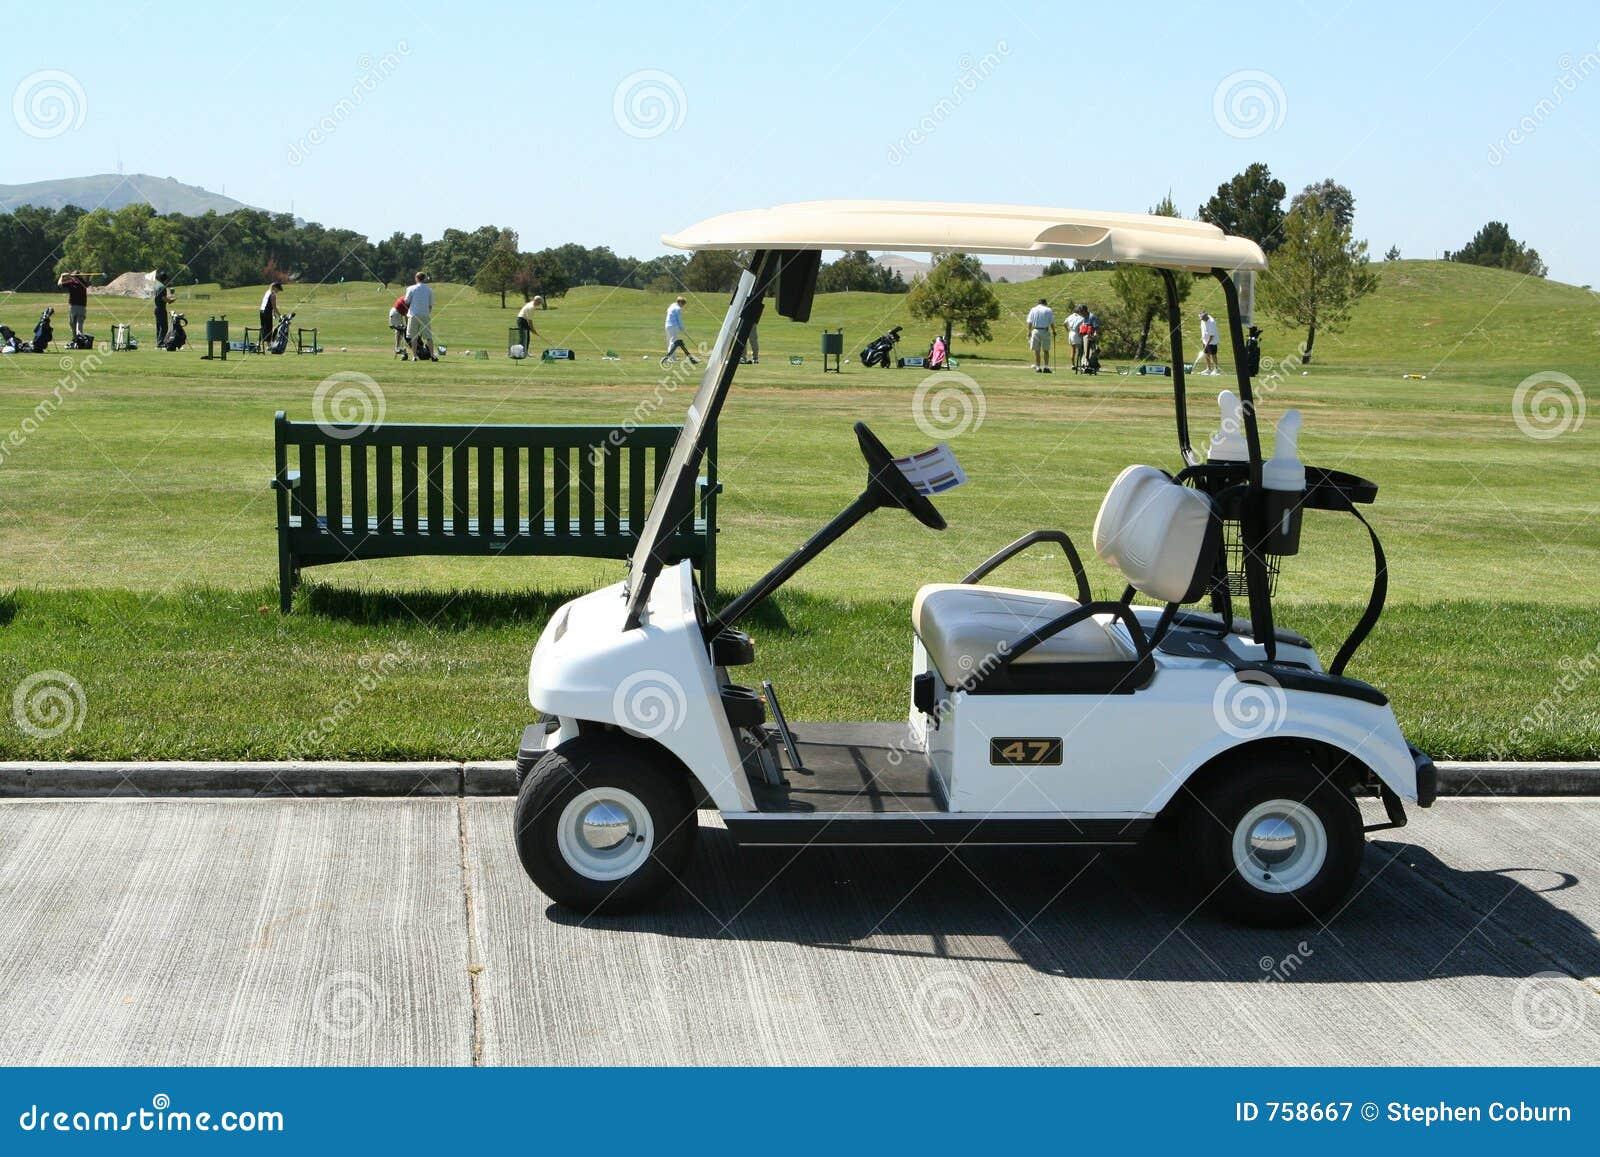 Golf Cart Business Plan